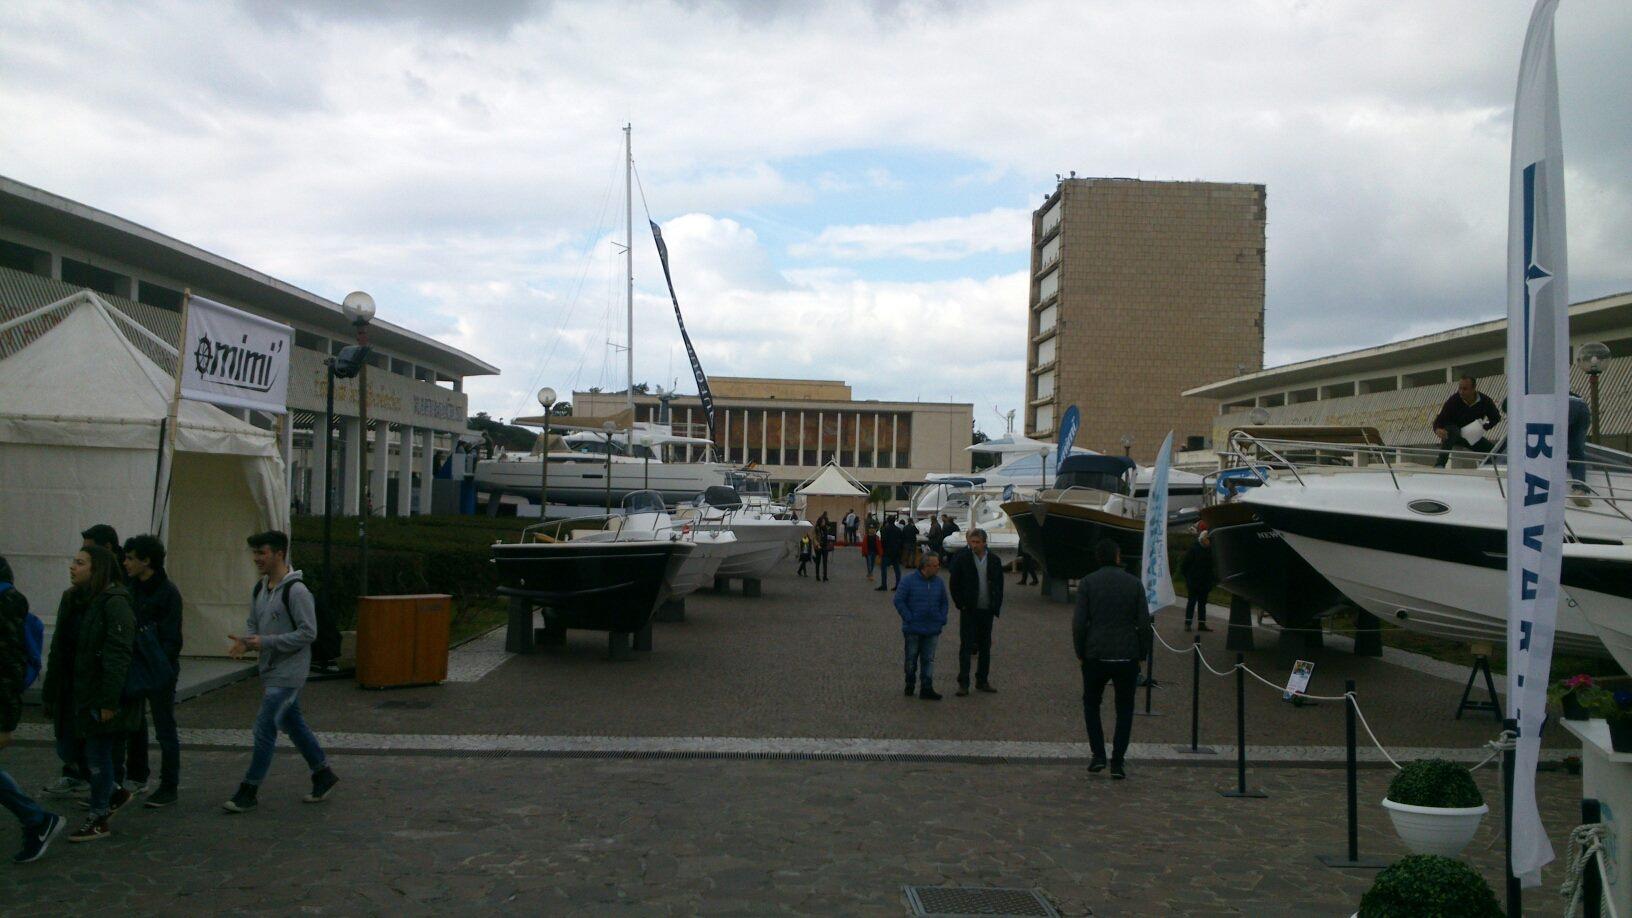 Nautic Sud alla Mostra d'Otremare: 400 imbarcazioni per tutti i gusti